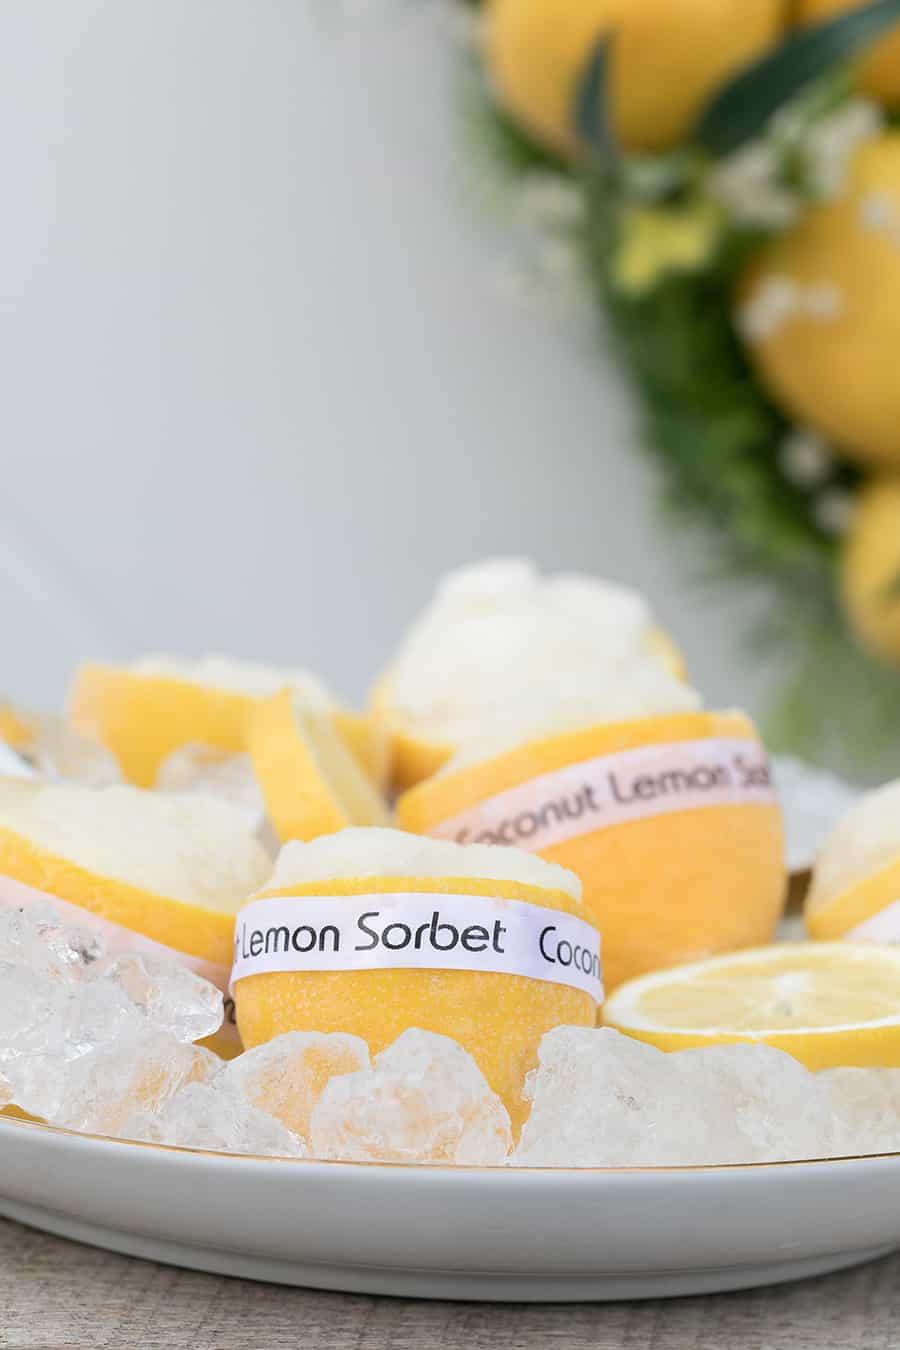 lemon sorbet in a lemon.